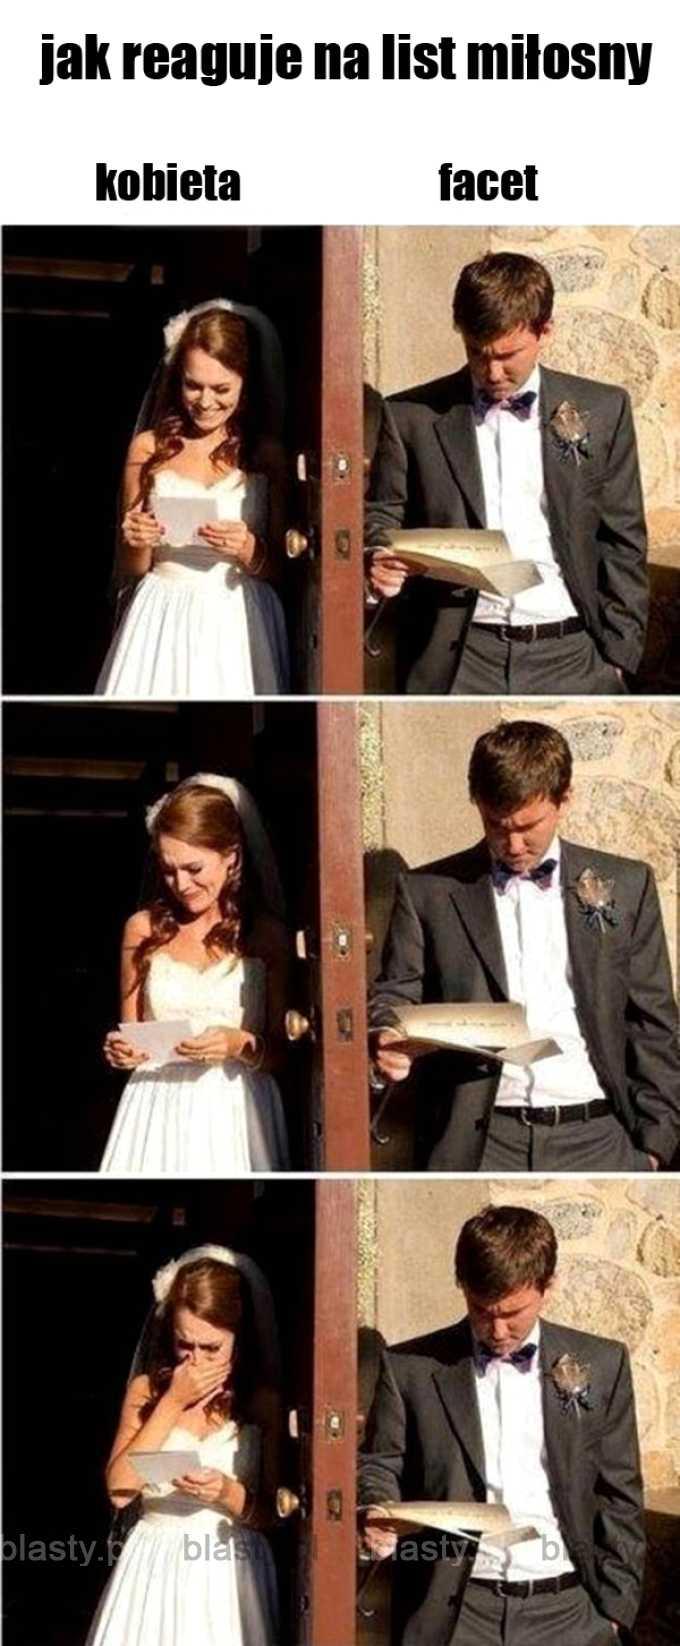 Zasadnicza różnica pomiędzy kobietą, a facetem.